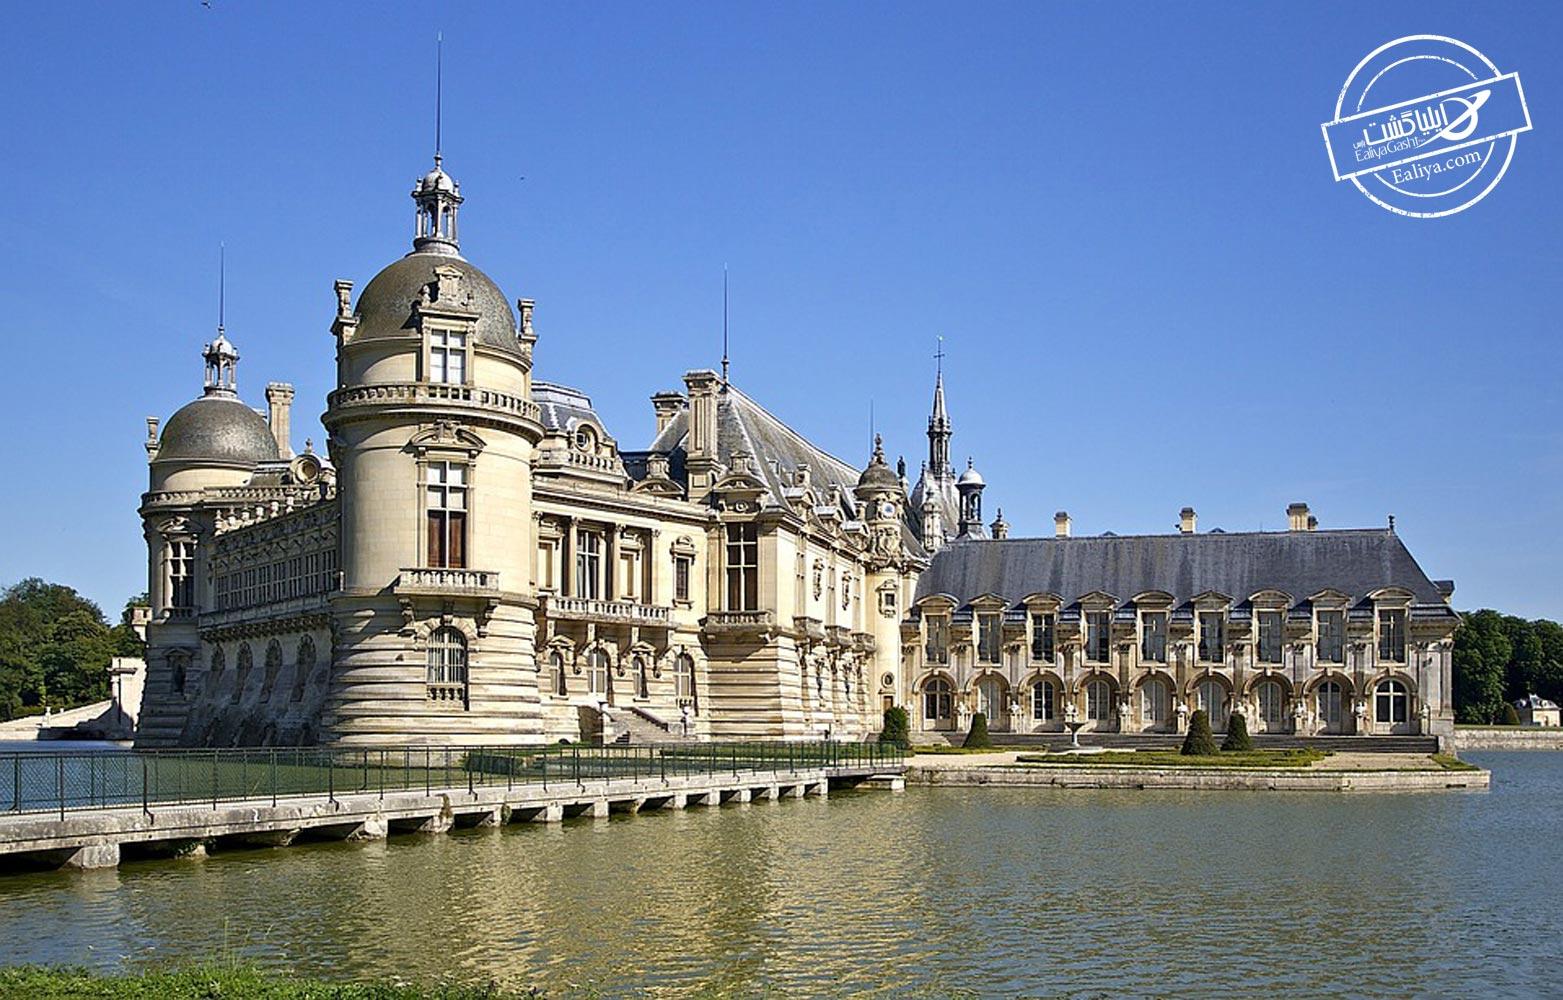 قصر شانتیلی پاریس